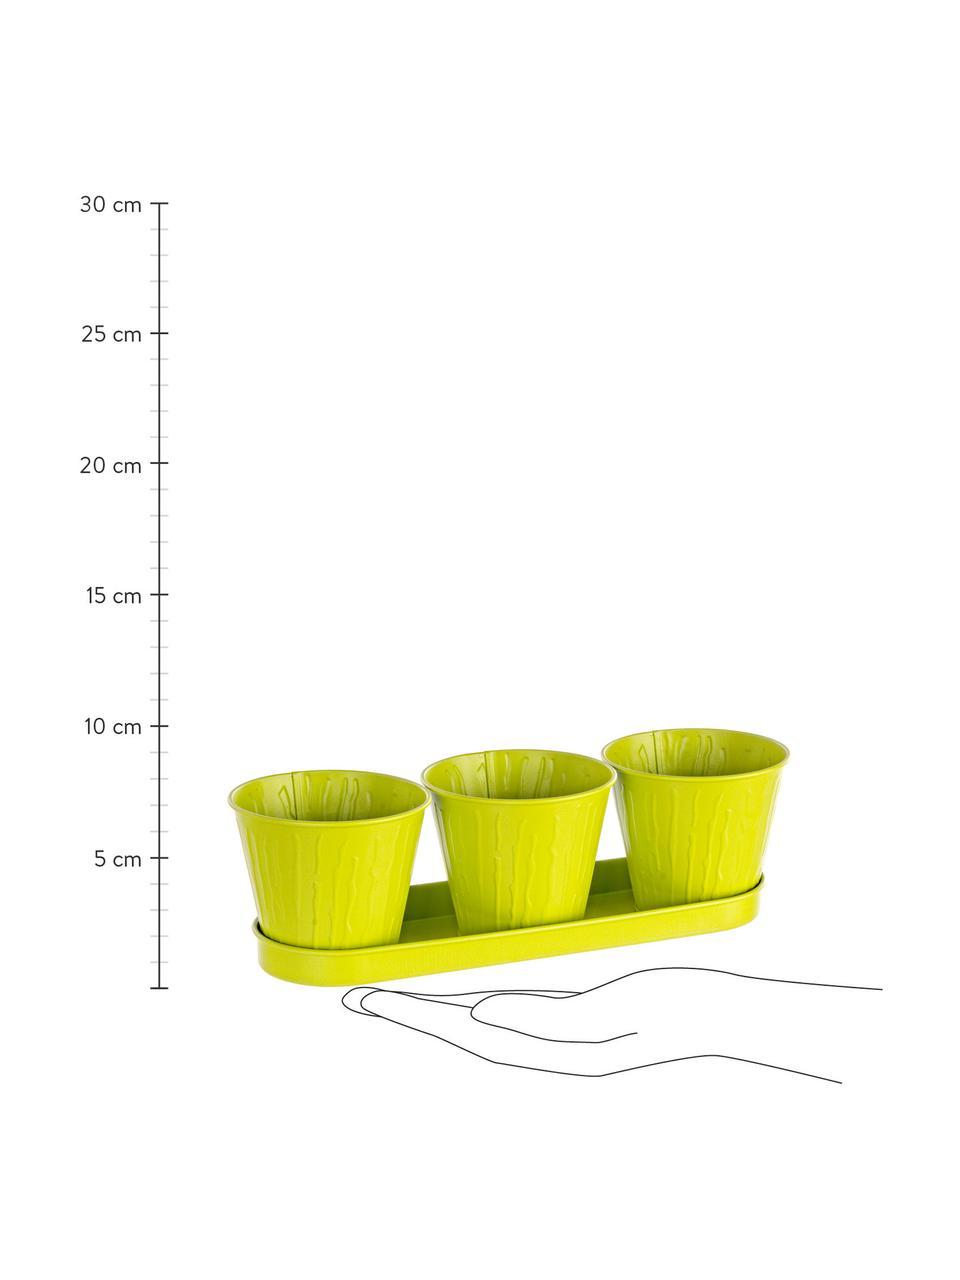 XS plantenpottenset Bark, 4-delig, Gecoat metaal, Limoenkleurig, Set met verschillende formaten